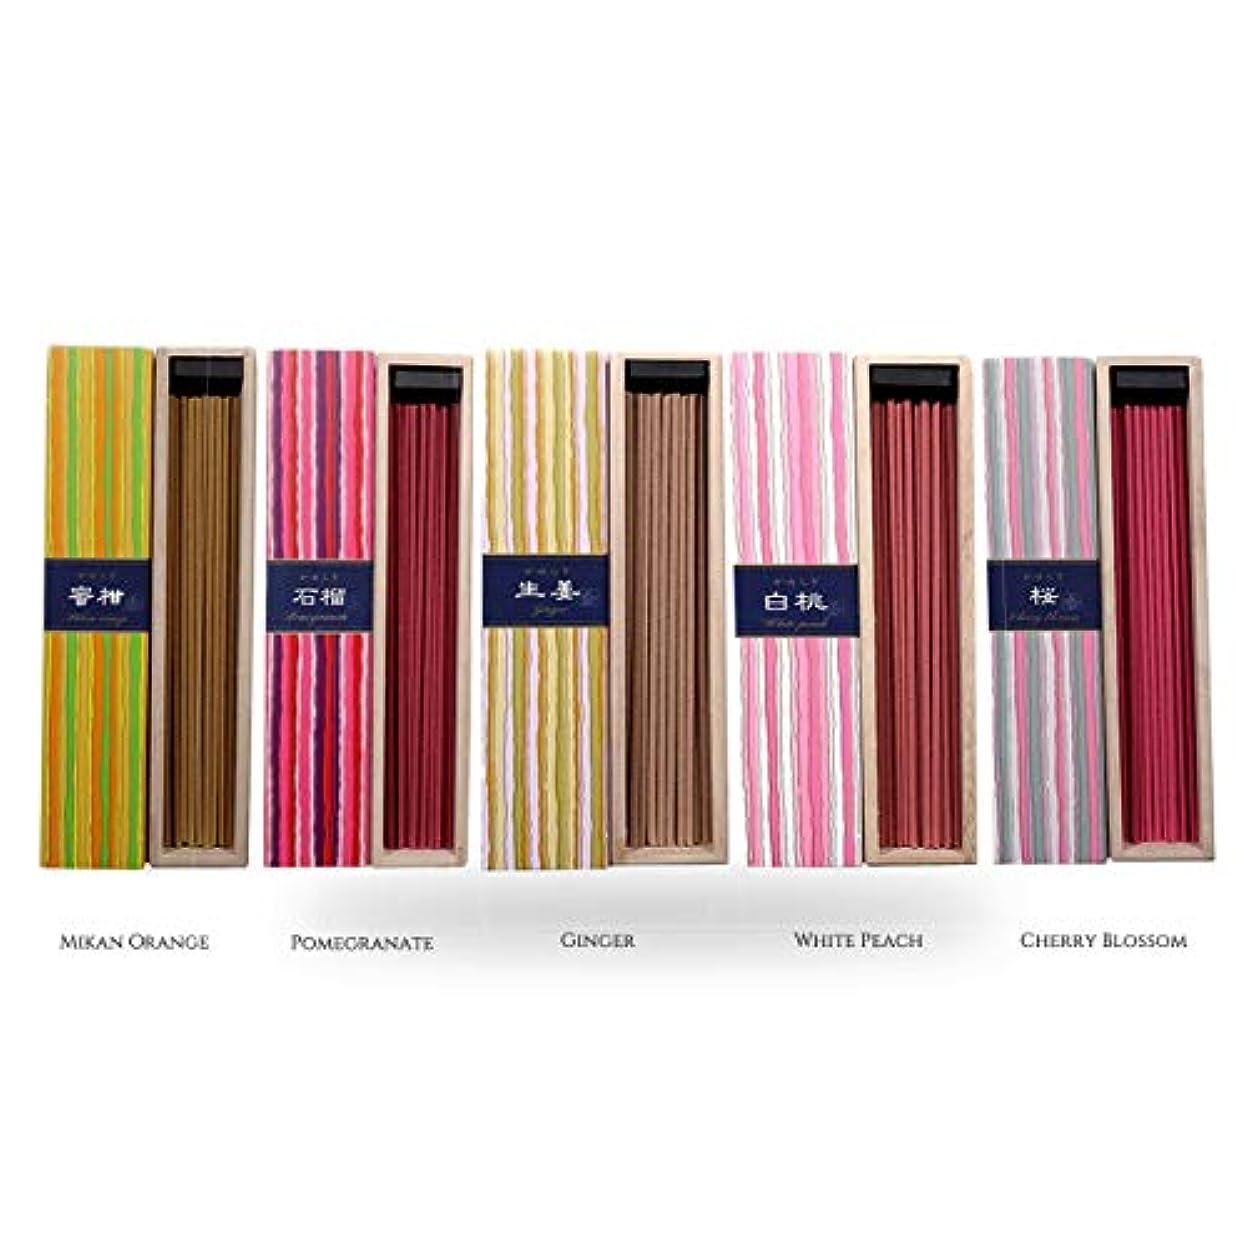 ファンおんどりイーウェルiTakara 日本香コレクション | 日本の庭 40x5 | リラックス、瞑想、祈り、読書、ヨガ用フローラルとアロマの木の香り | クリーン燃焼、ピュアな香り